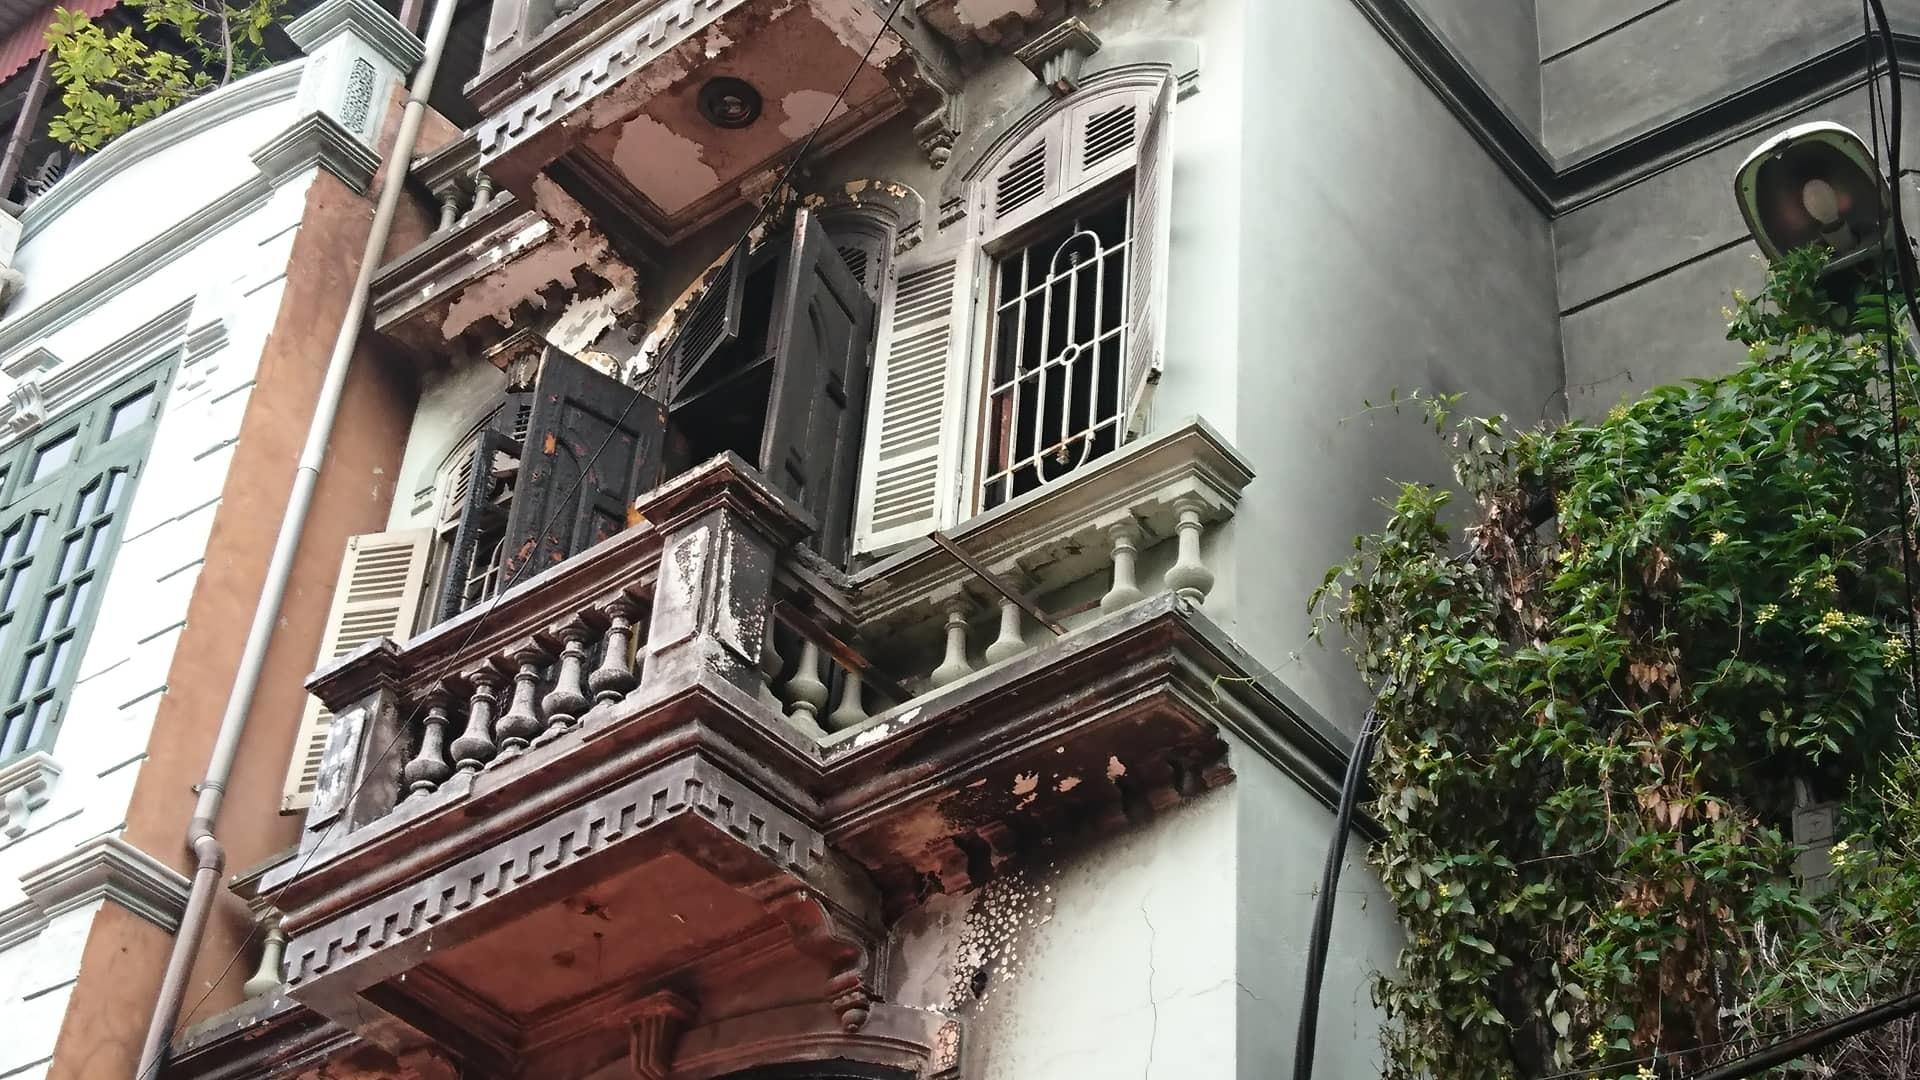 Hà Nội: Cháy nhà lúc rạng sáng, nhiều người nhập viện-4